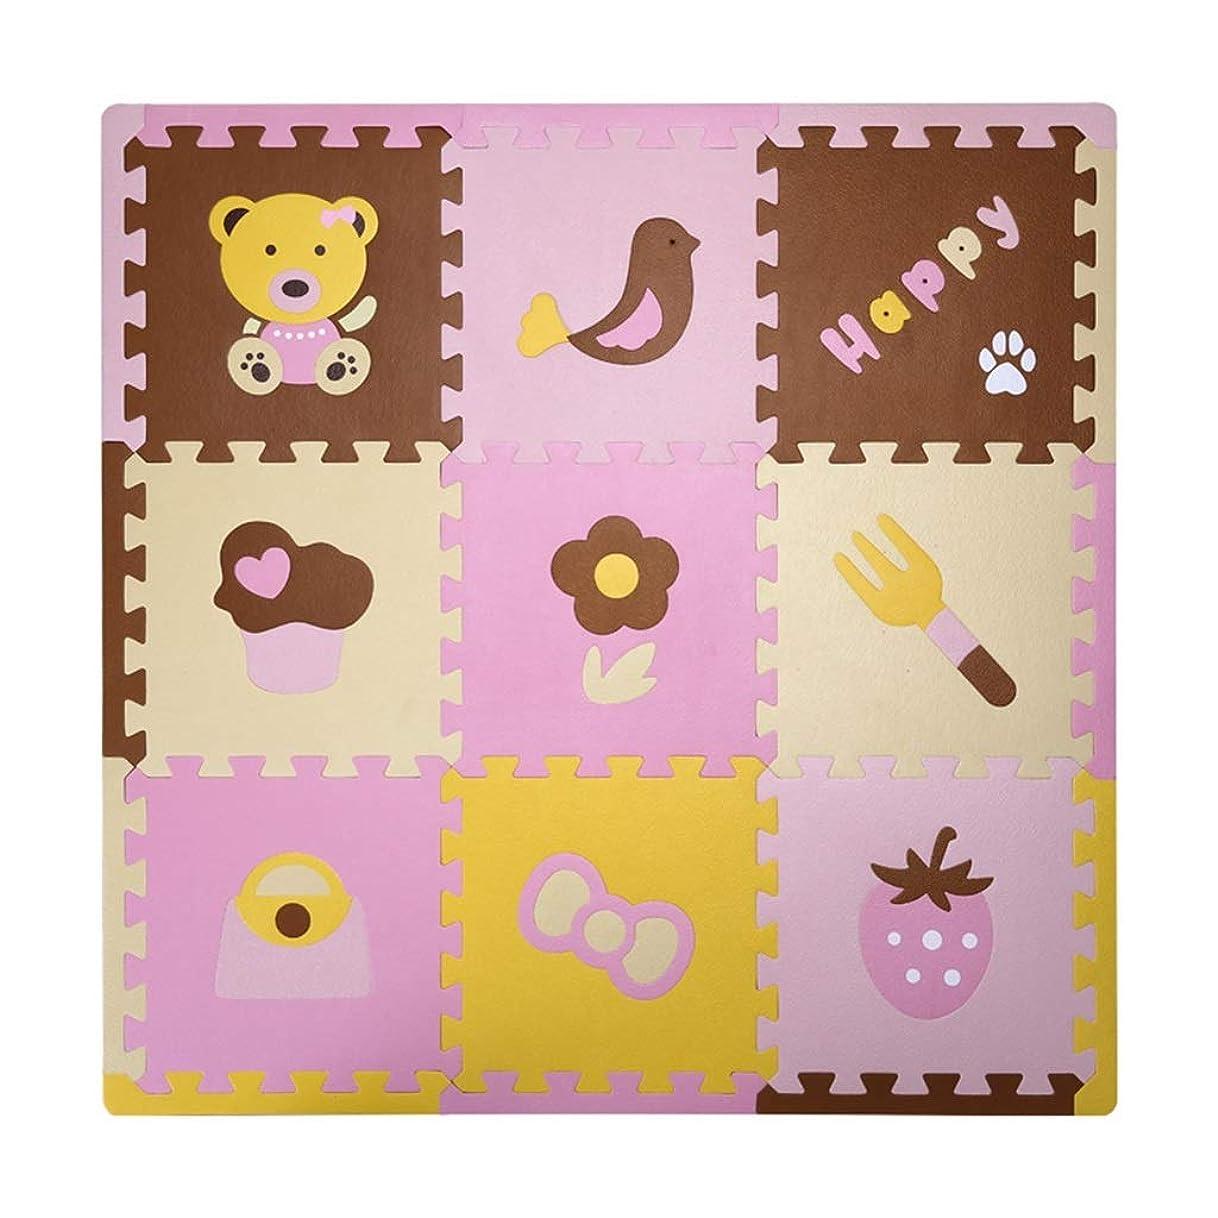 隠報酬借りる赤ちゃんと子供のためのフォームプレイマット - 安い、ディスカウント価格バッグにサファリの動物とPE発泡フロアタイル - 安い、ディスカウント価格クロールと学習のための+厚くて柔らかいパズルマット| 30x30x1.2cm(9個) DITAN (Color : B)